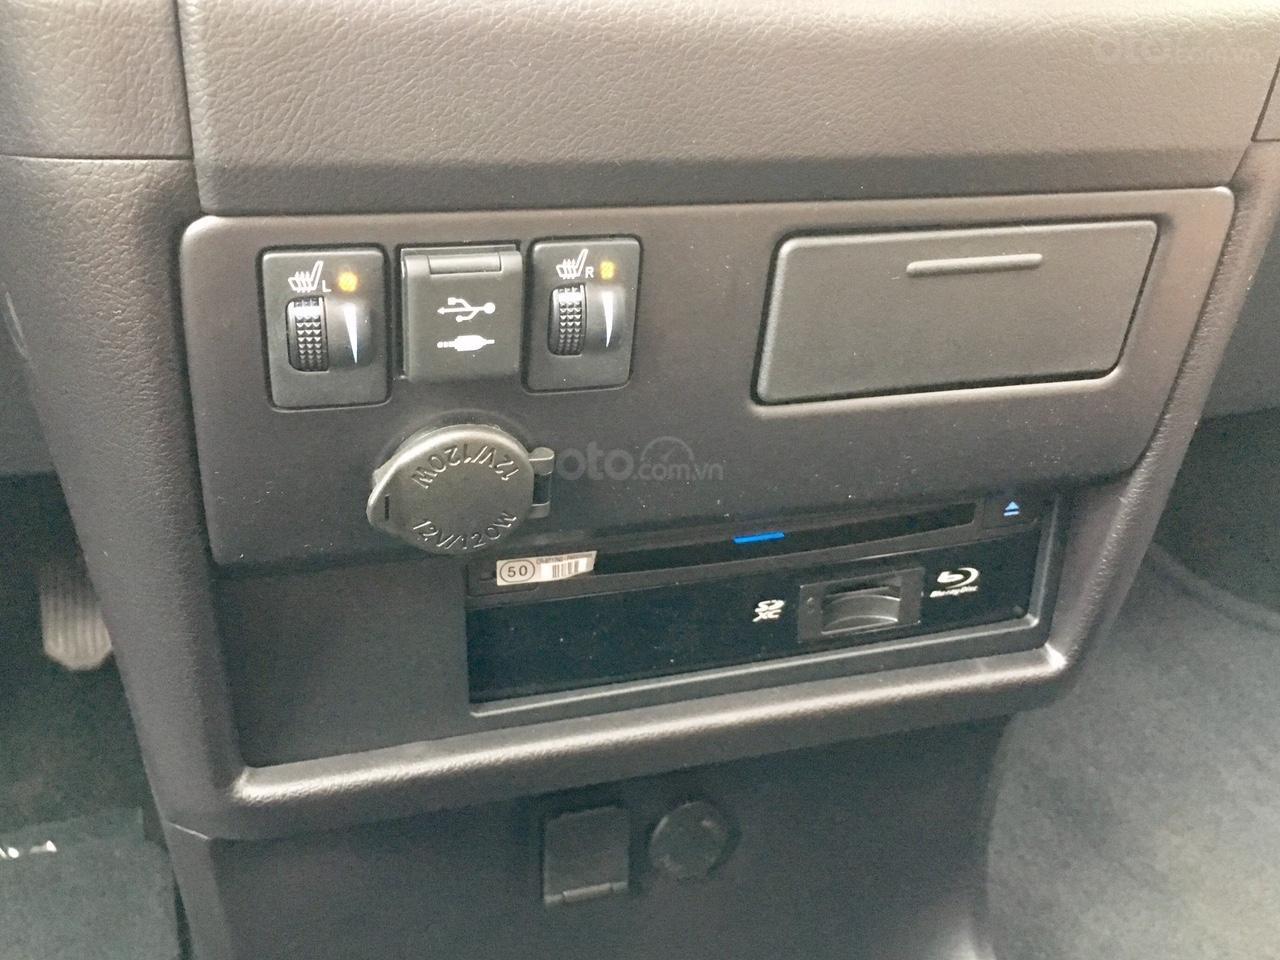 Bán Toyota Sienna Limited 2020 bản 1 cầu, giá tốt, nhập Mỹ giao ngay toàn quốc- LH 0945.39.2468 Ms Hương (7)